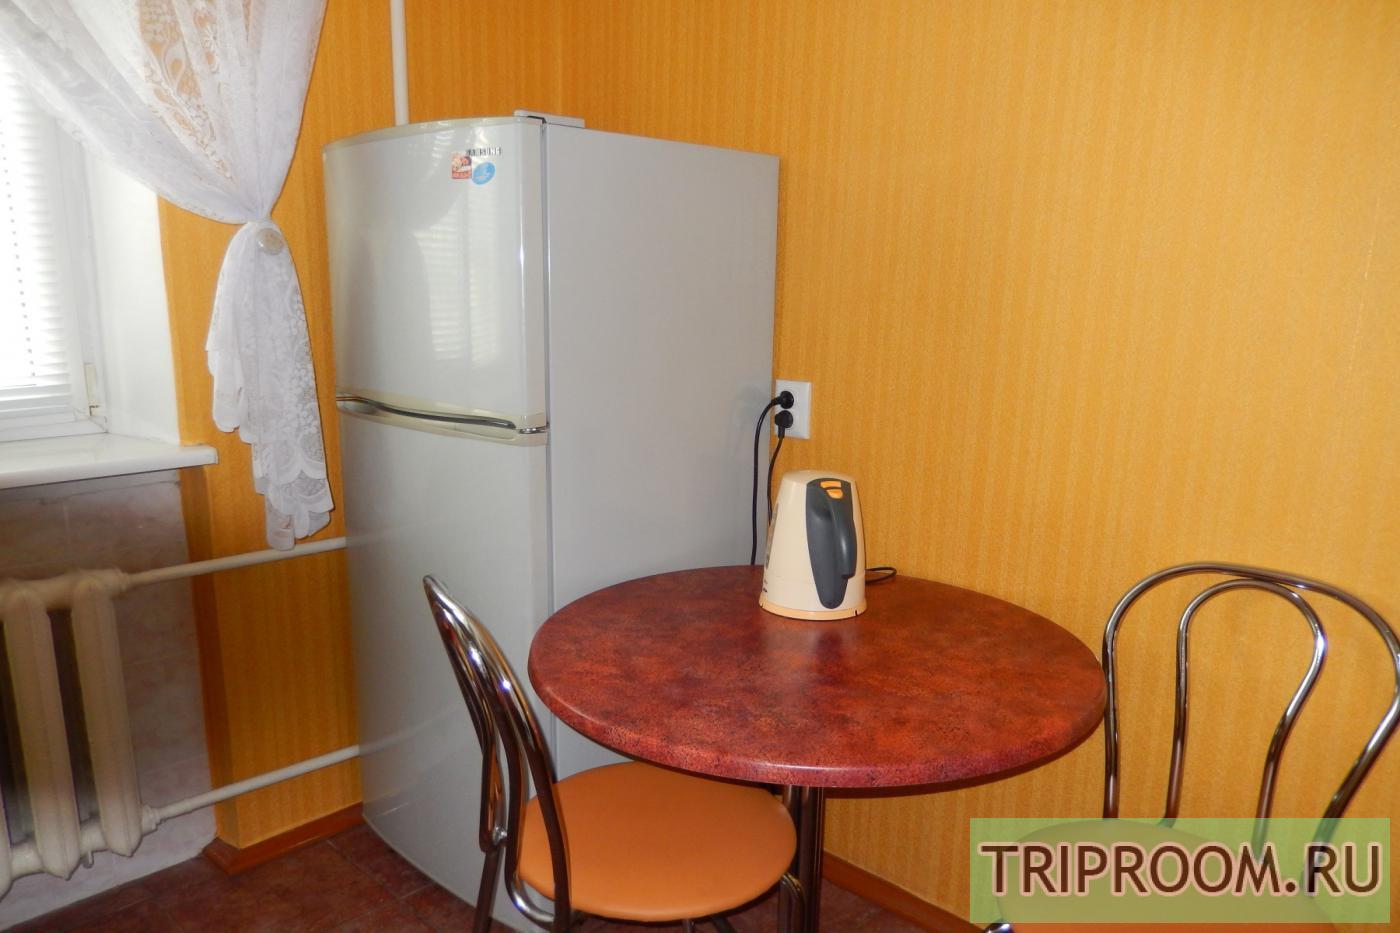 1-комнатная квартира посуточно (вариант № 18630), ул. Гоголя улица, фото № 5